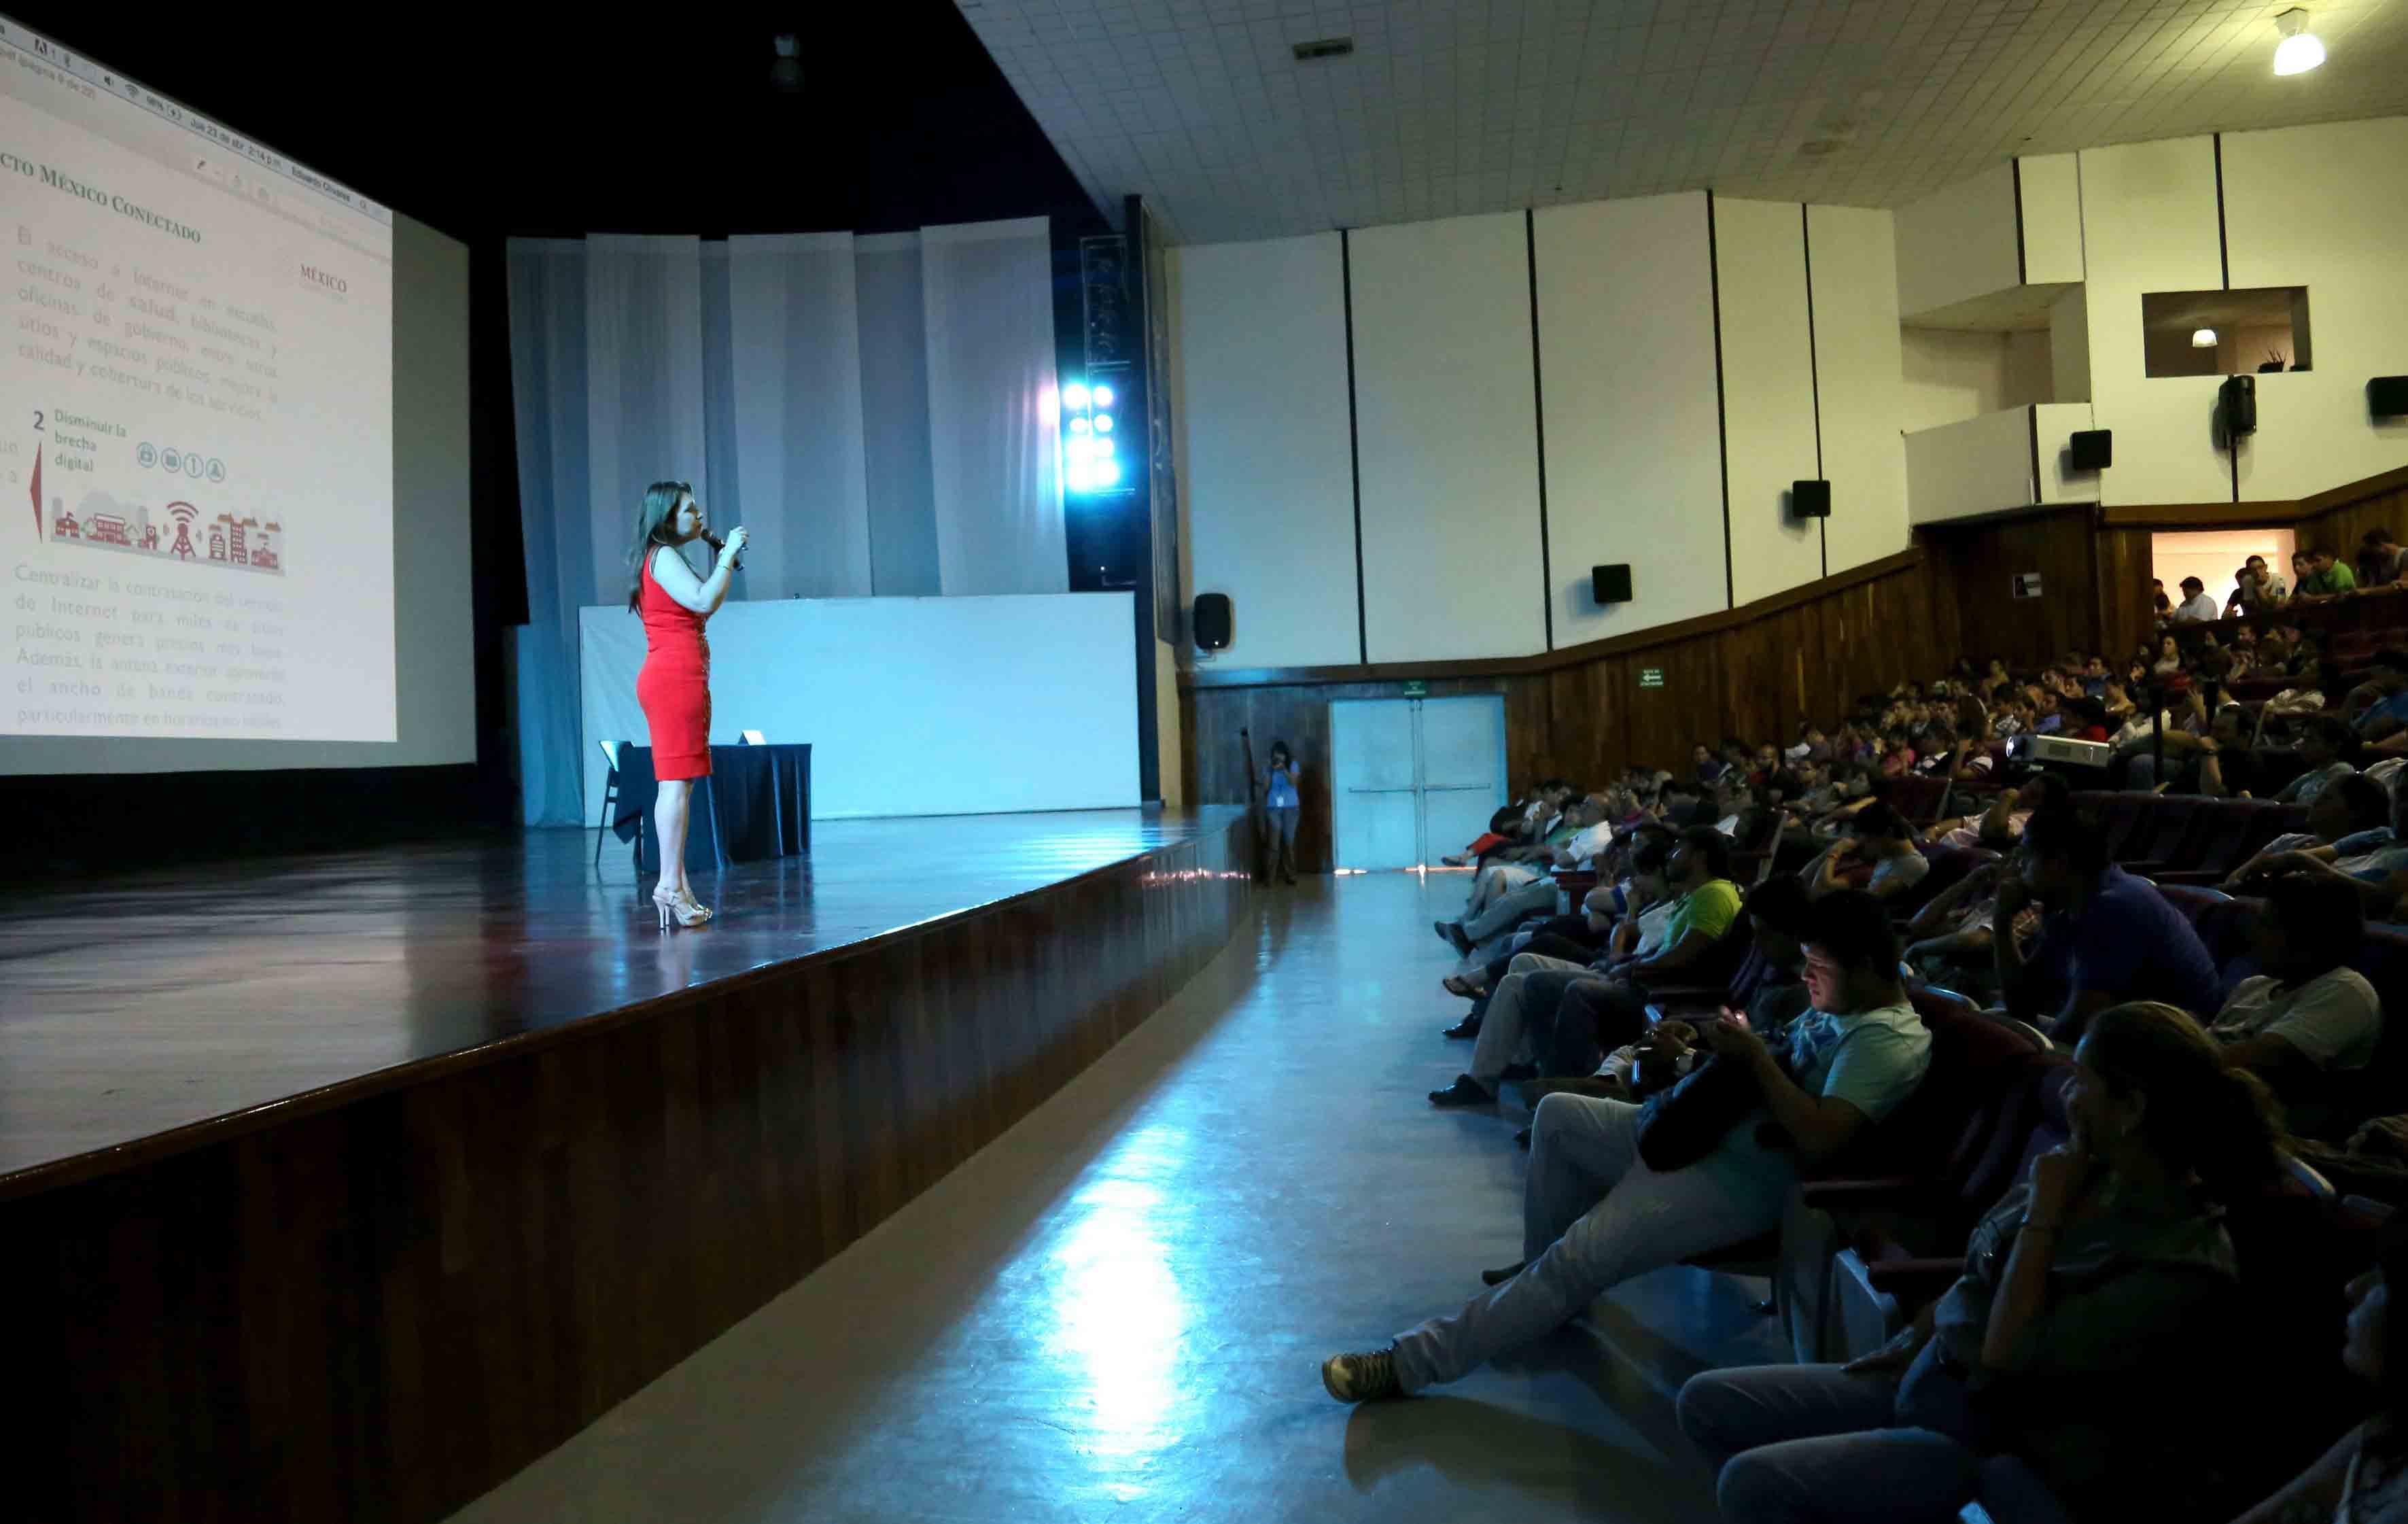 Mtra. Carmen Rodríguez Armenta y público asistente a la semana de Ingenieras en el CUCosta